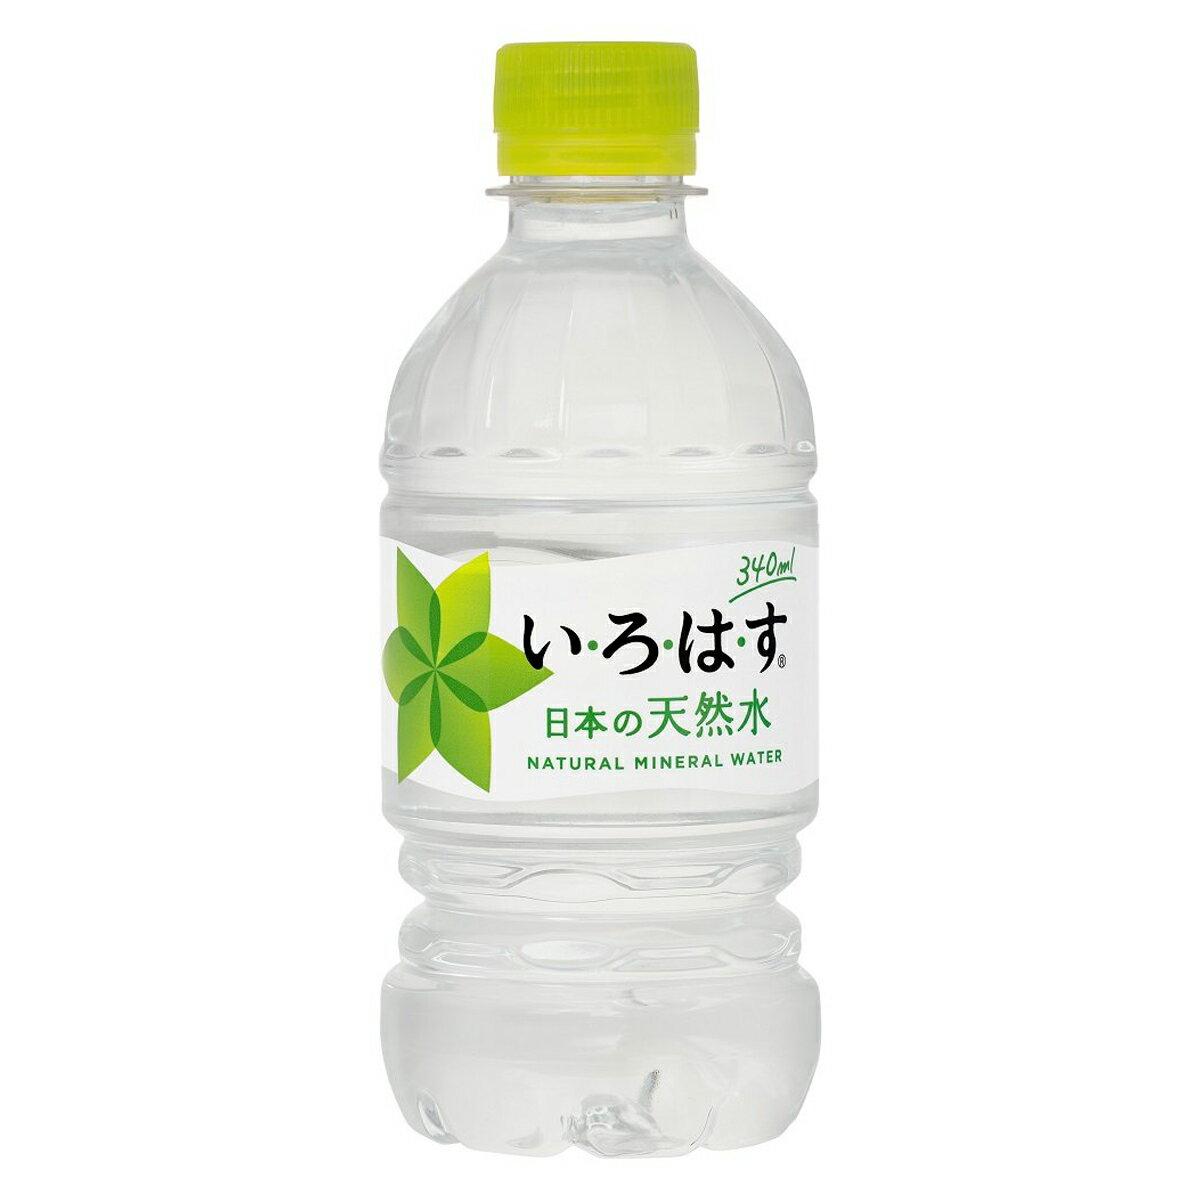 コカ・コーラ い・ろ・は・す いろはす 340mL PET 飲料 飲み物 ソフトドリンク ミネラルウォーター 水 ペットボトル 24本×1ケース 買い回り 買い周り 買いまわり ポイント消化